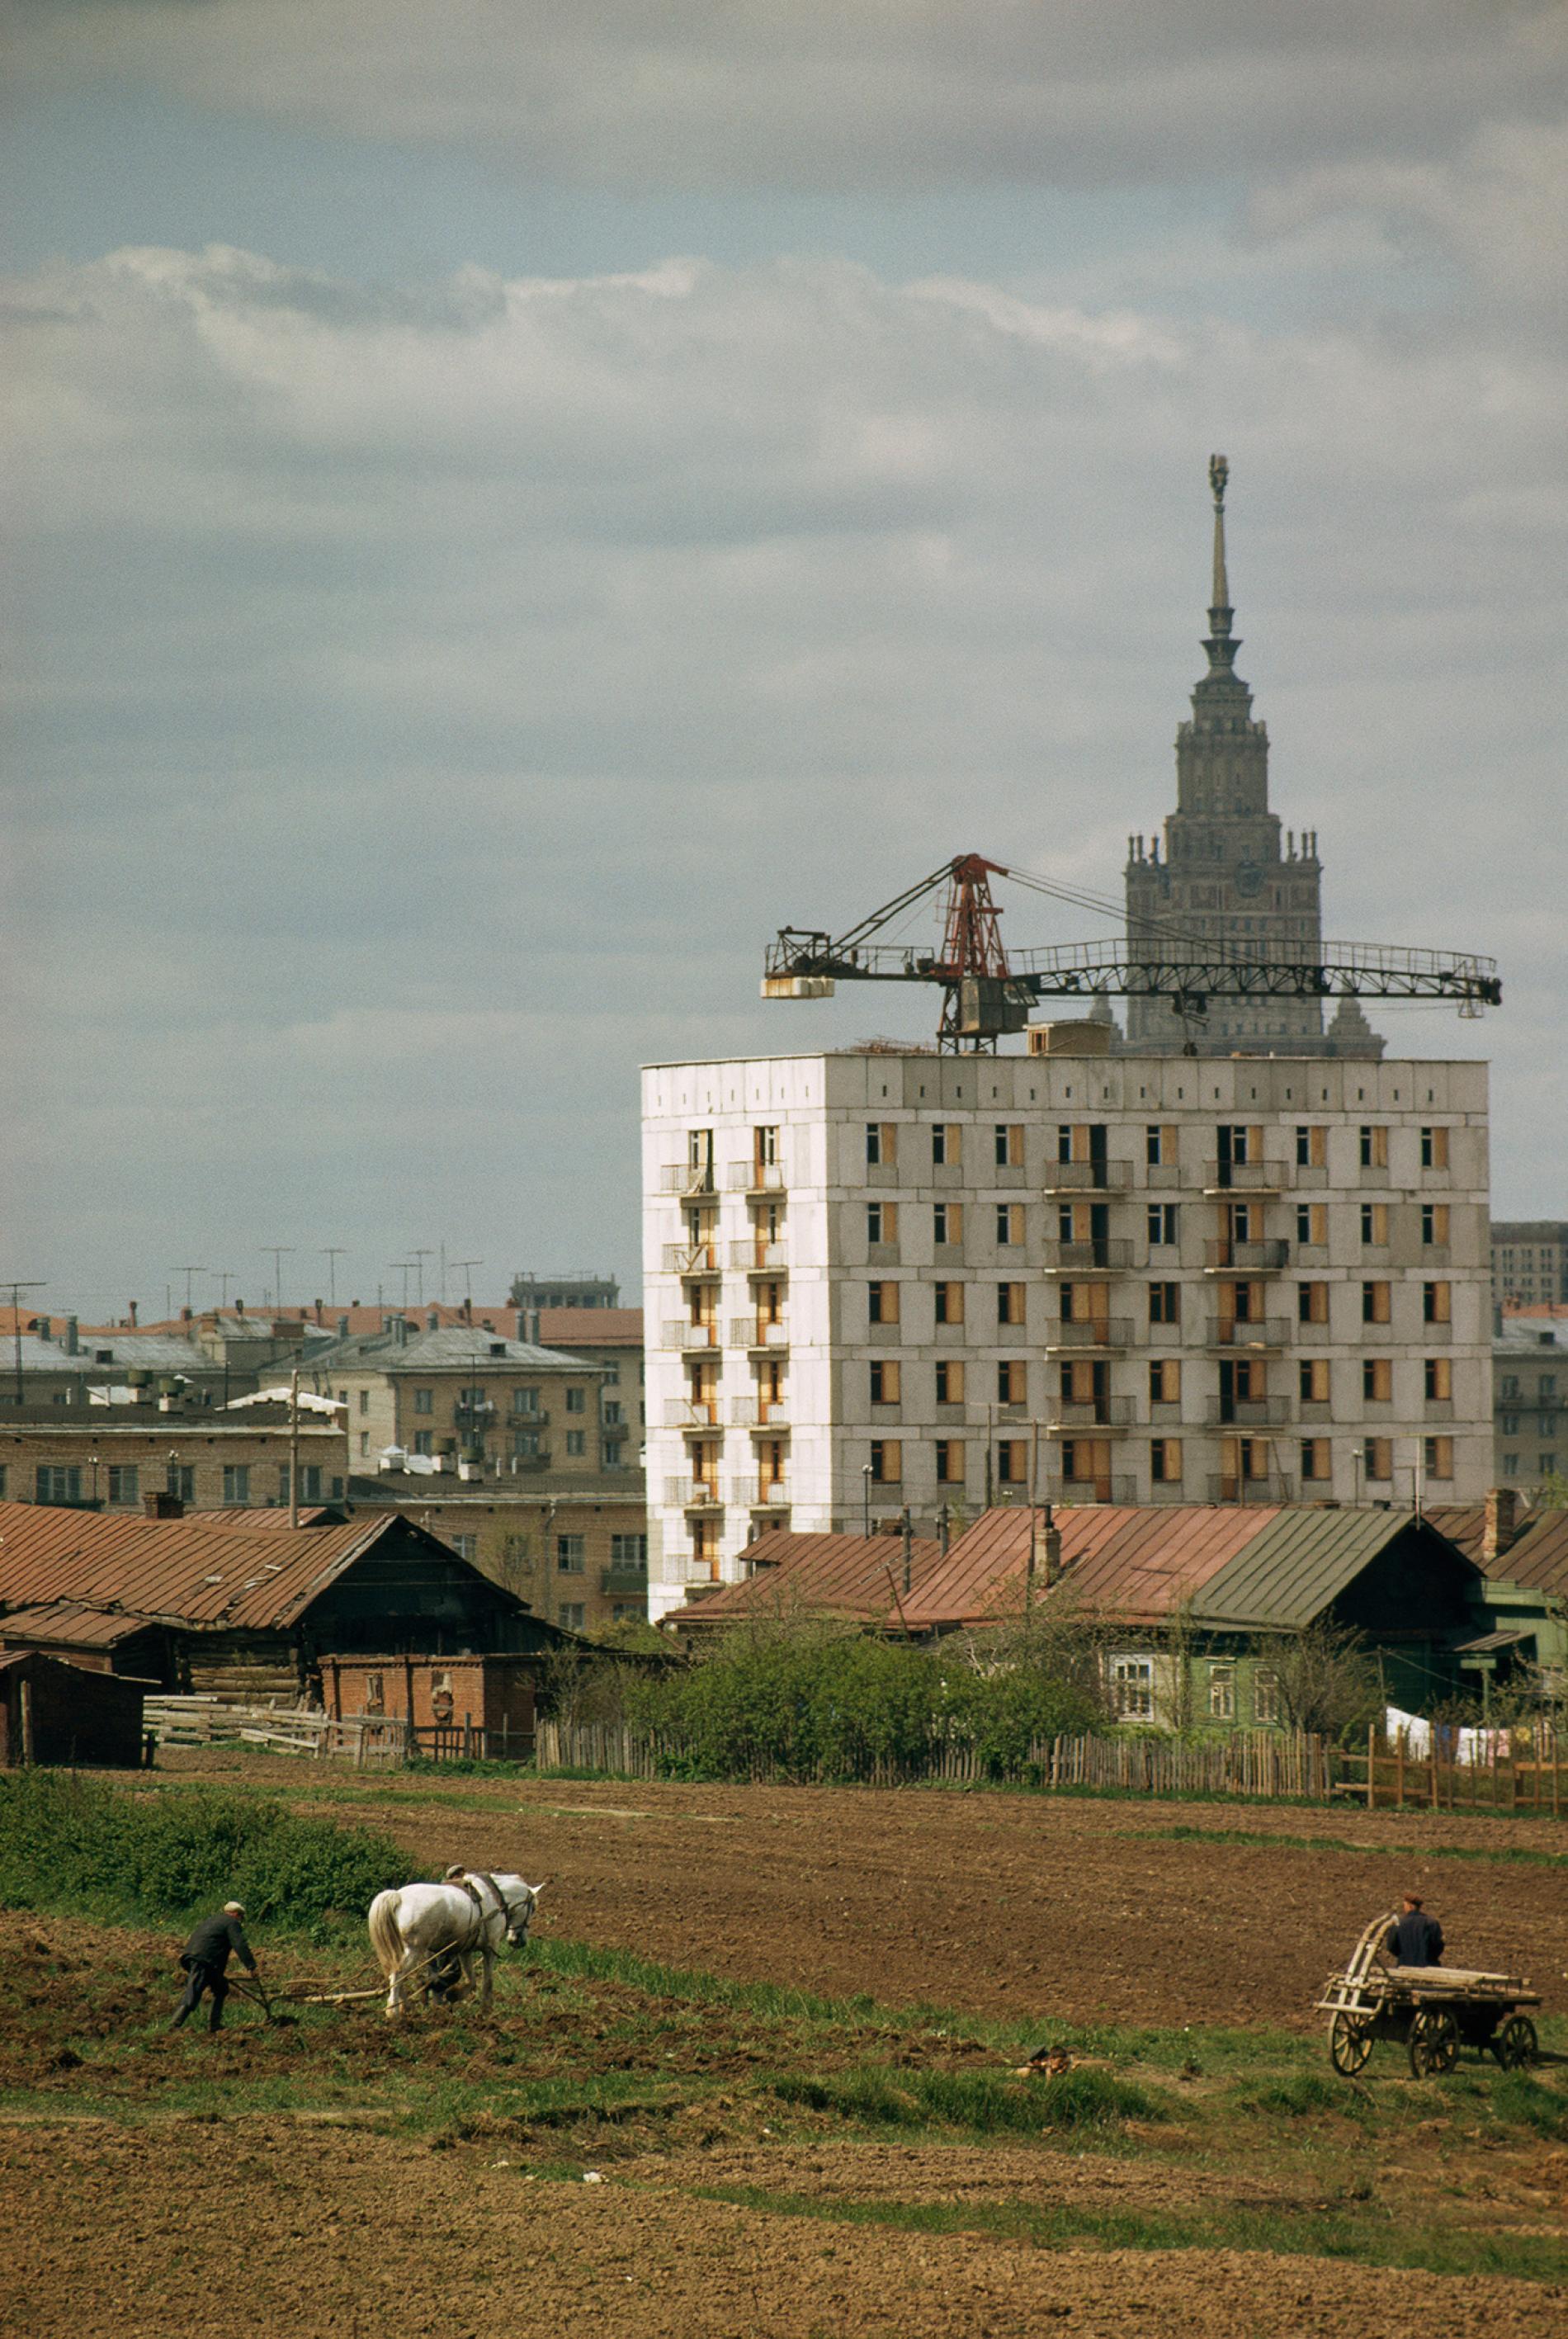 То самое Семеновское, где была сделана эта знаменитая фотография.